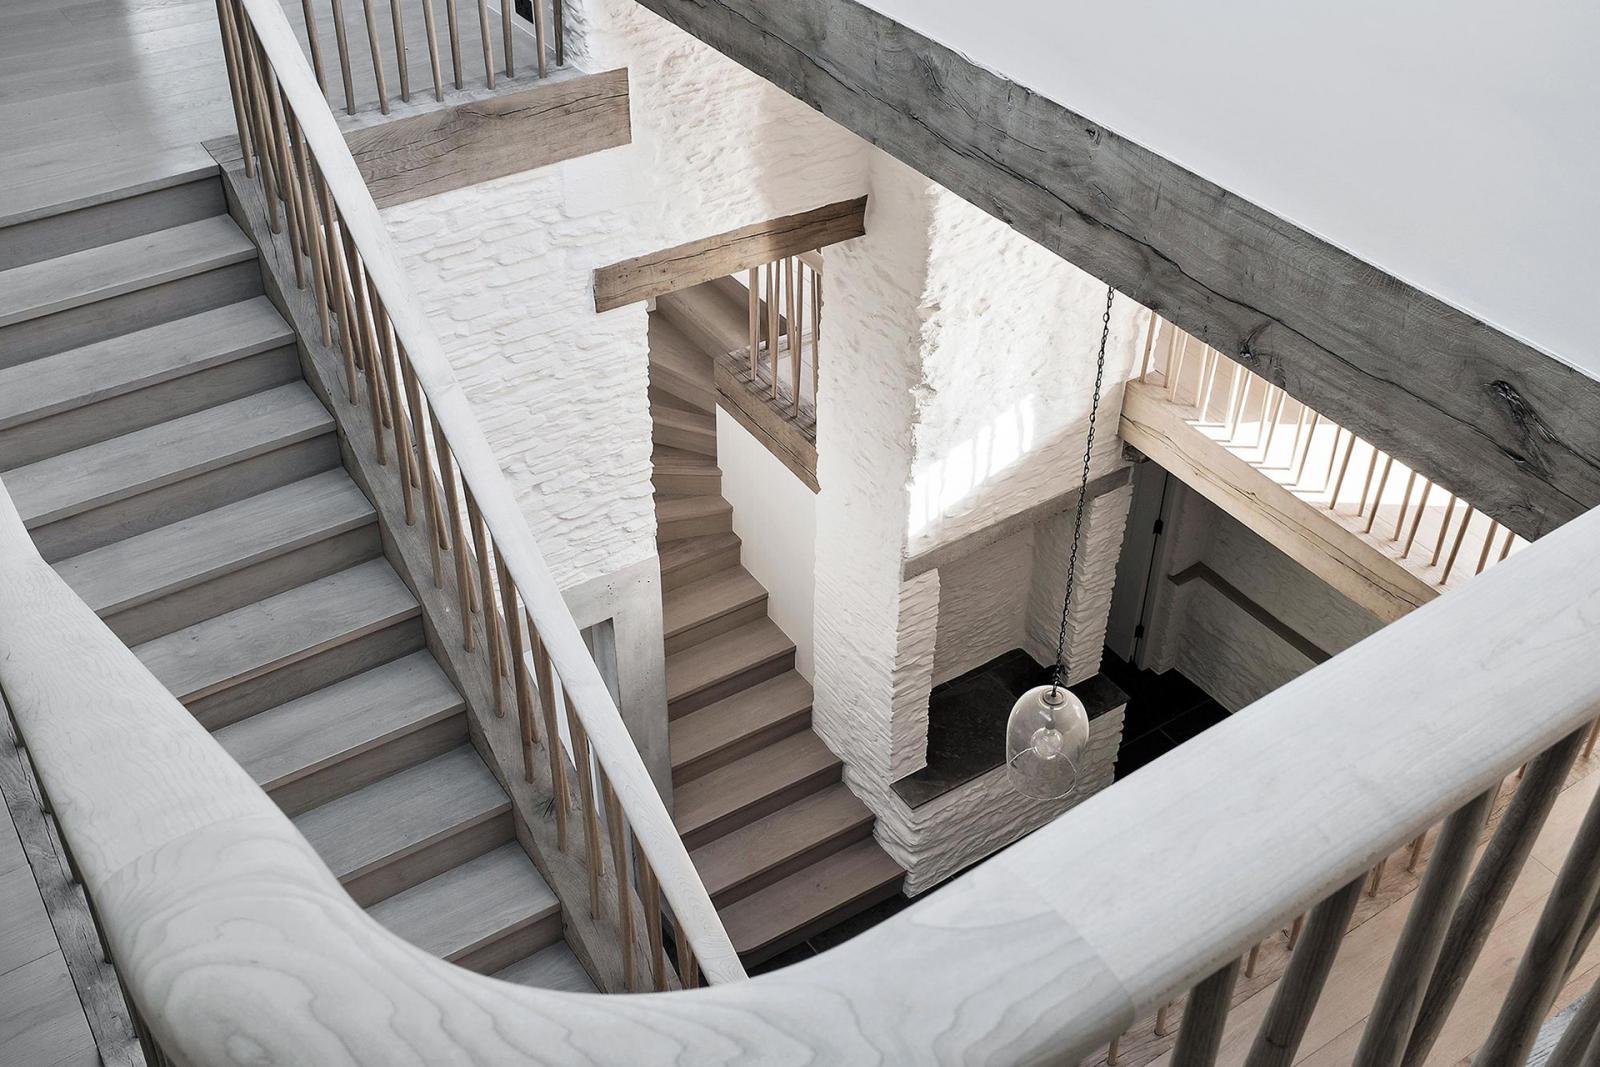 Проект 6a architects: лучший деревянный дом Великобритании